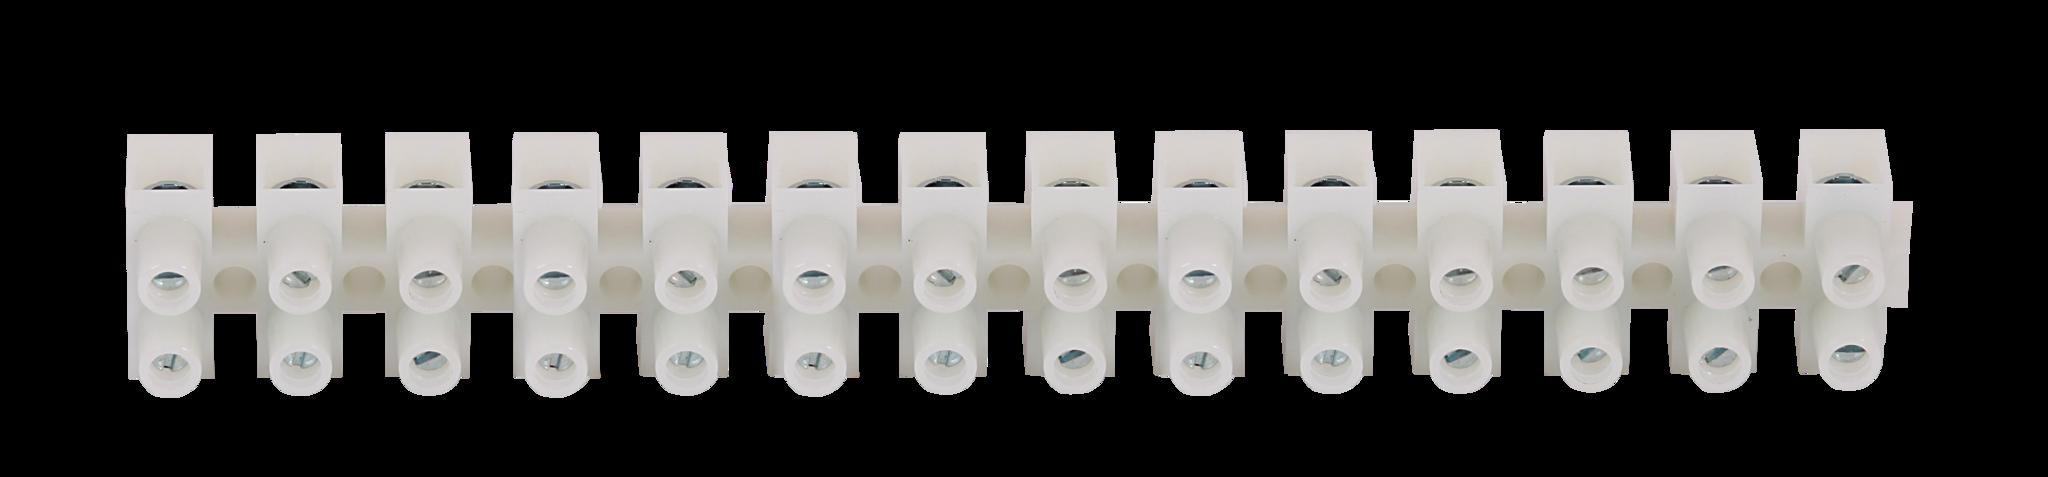 Для парогенераторов: Клеммная колодка SAWO STP-TB12 (12-полюсная, 95 мм, белого цвета)